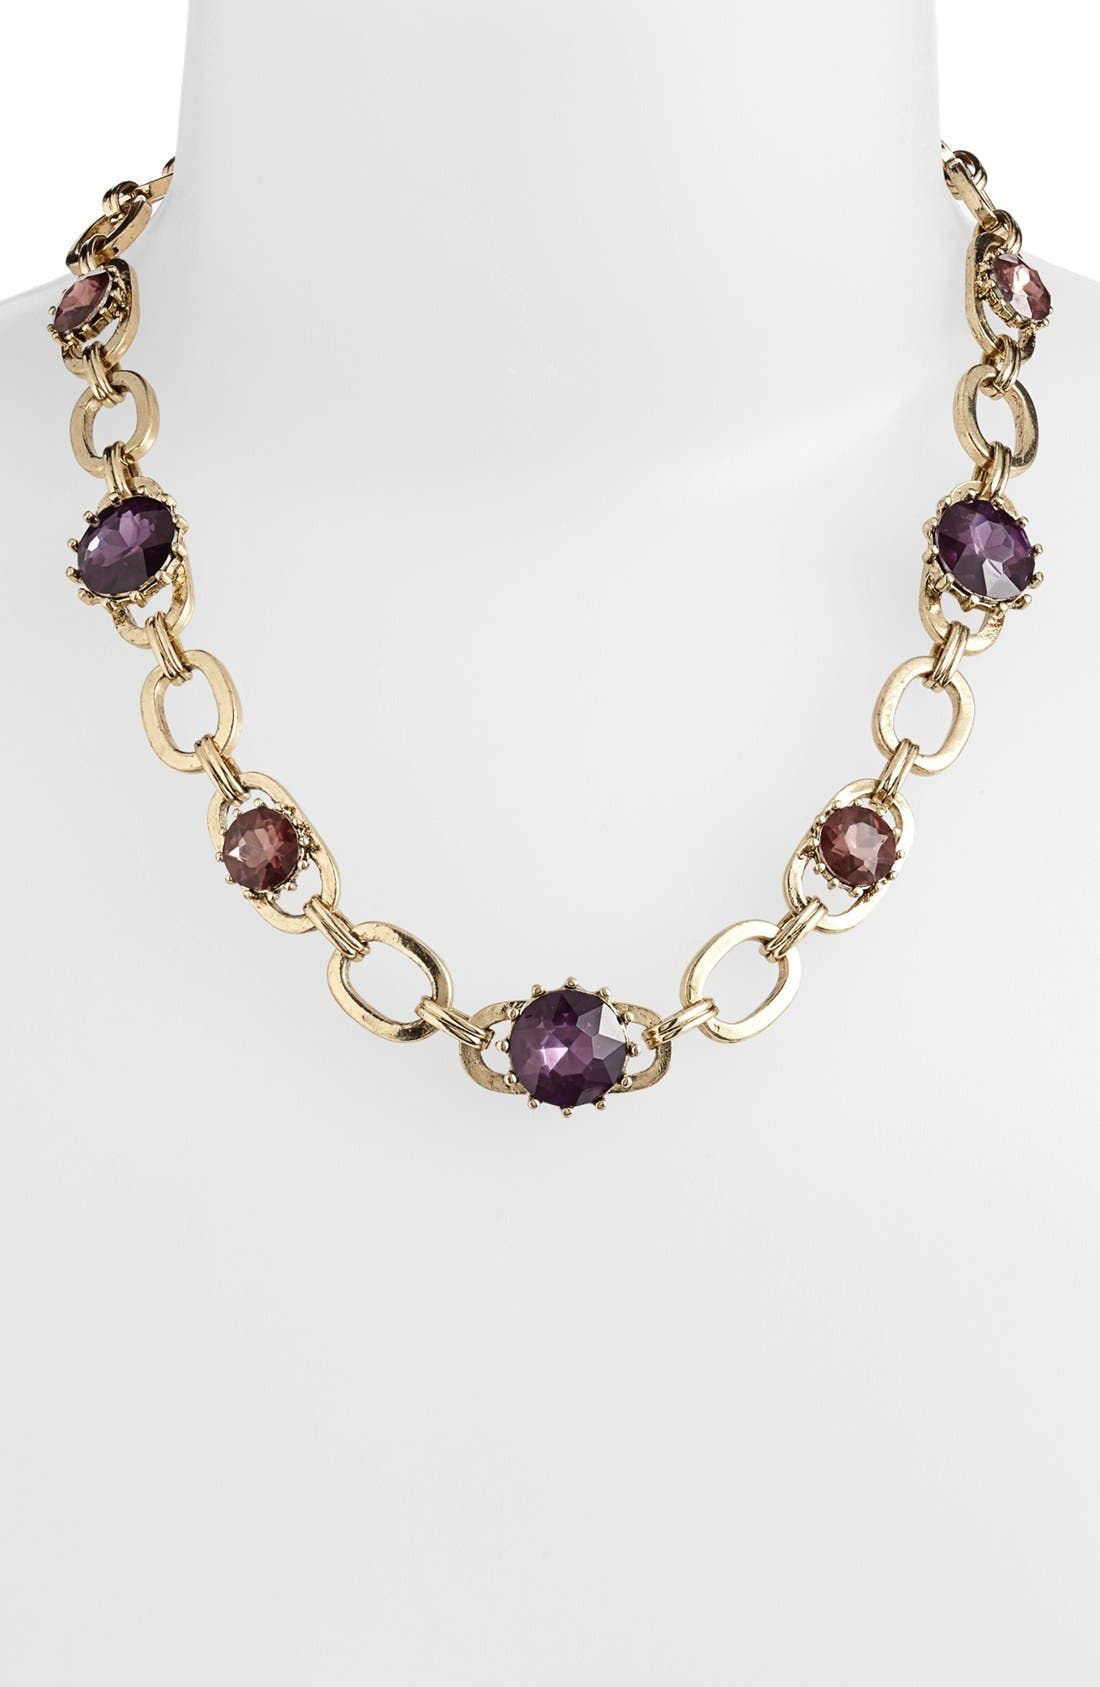 Main Image - Anne Klein Link Collar Necklace